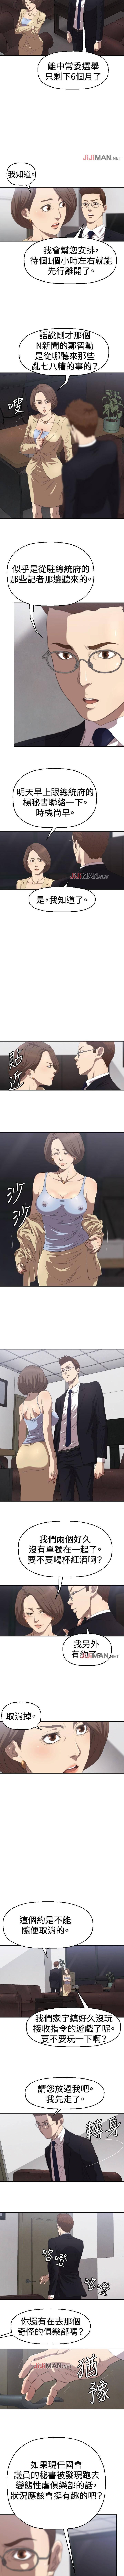 【已完结】索多玛俱乐部(作者:何藝媛&庫奈尼) 第1~32话 18